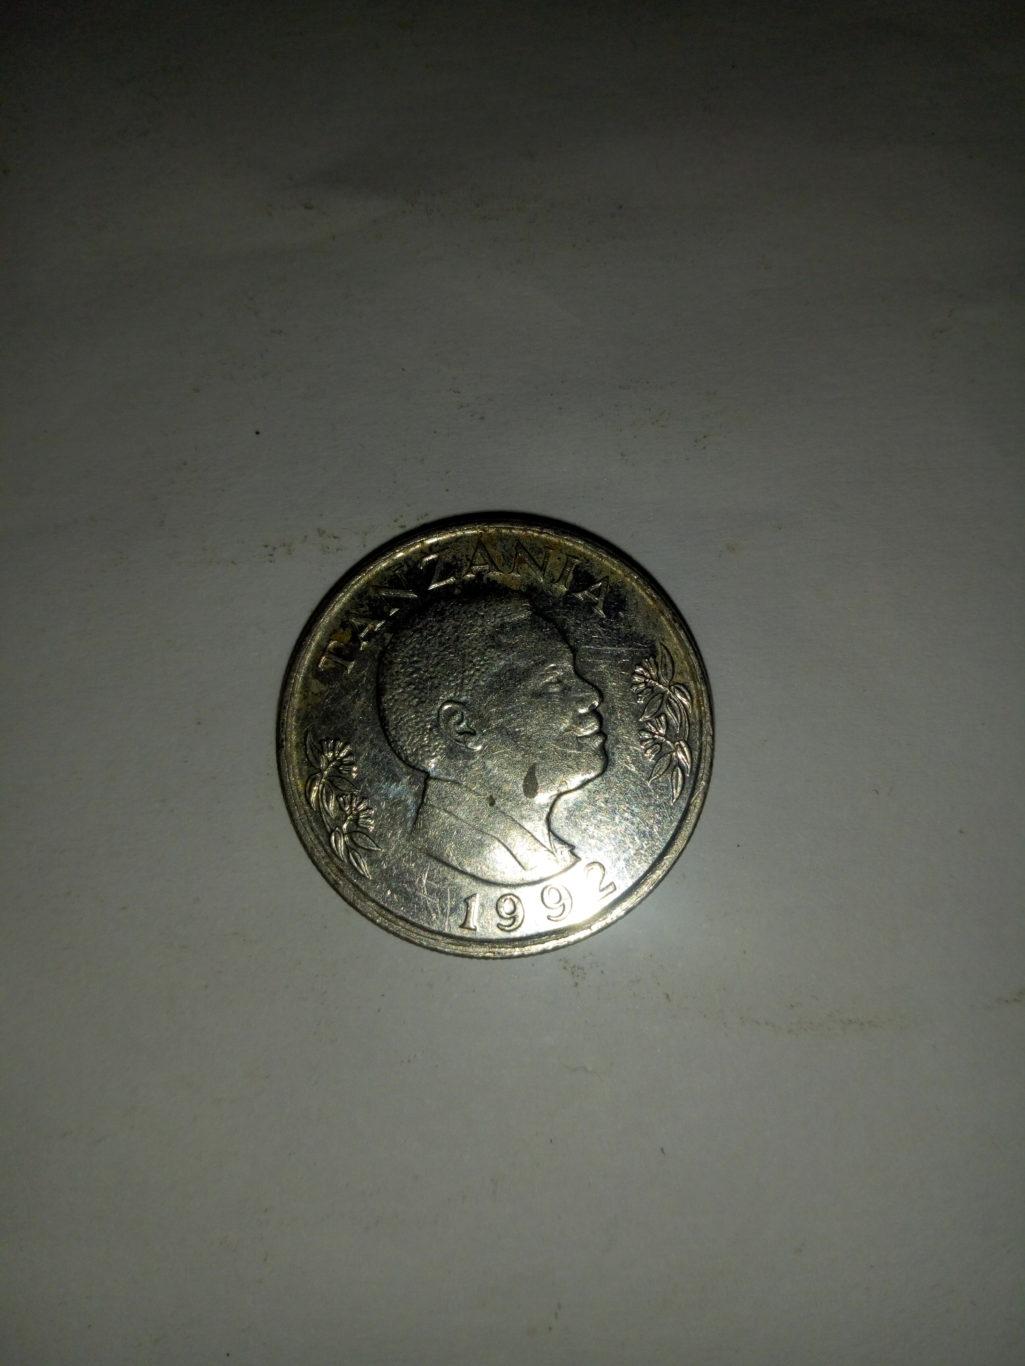 1992_shilingi 1 ya tanzania